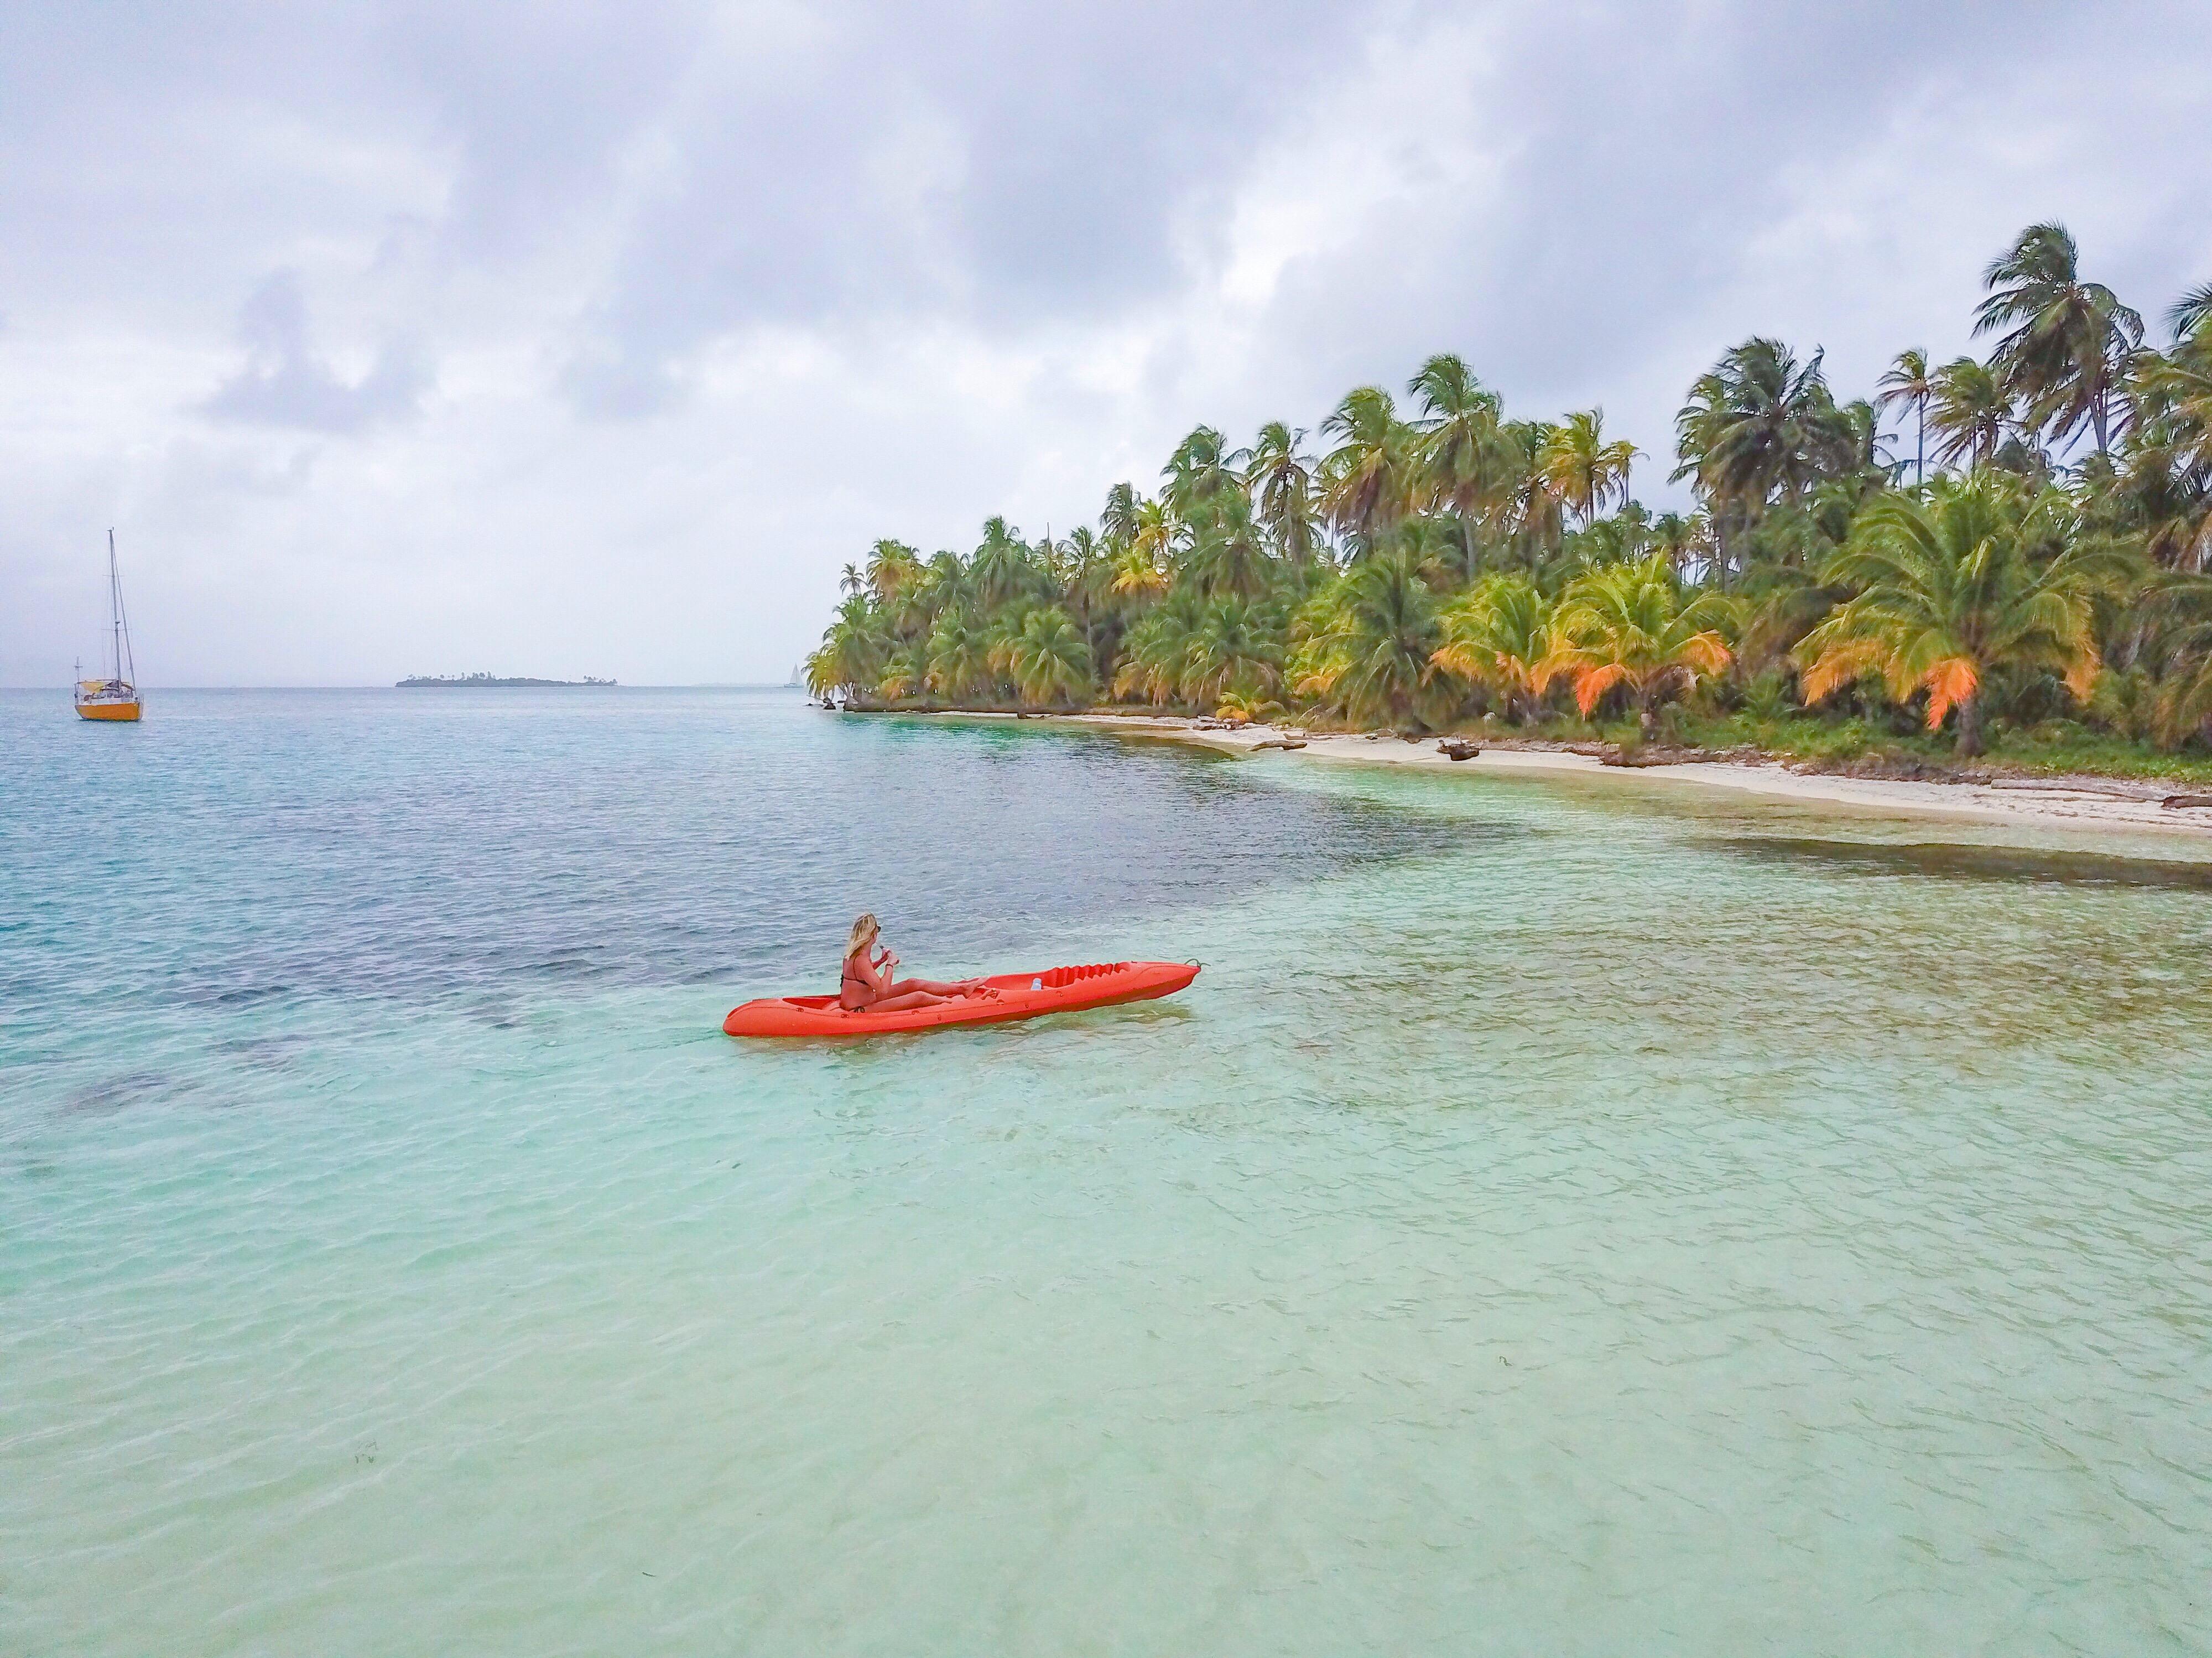 melhores praias ilhas san Blas - San blas Island